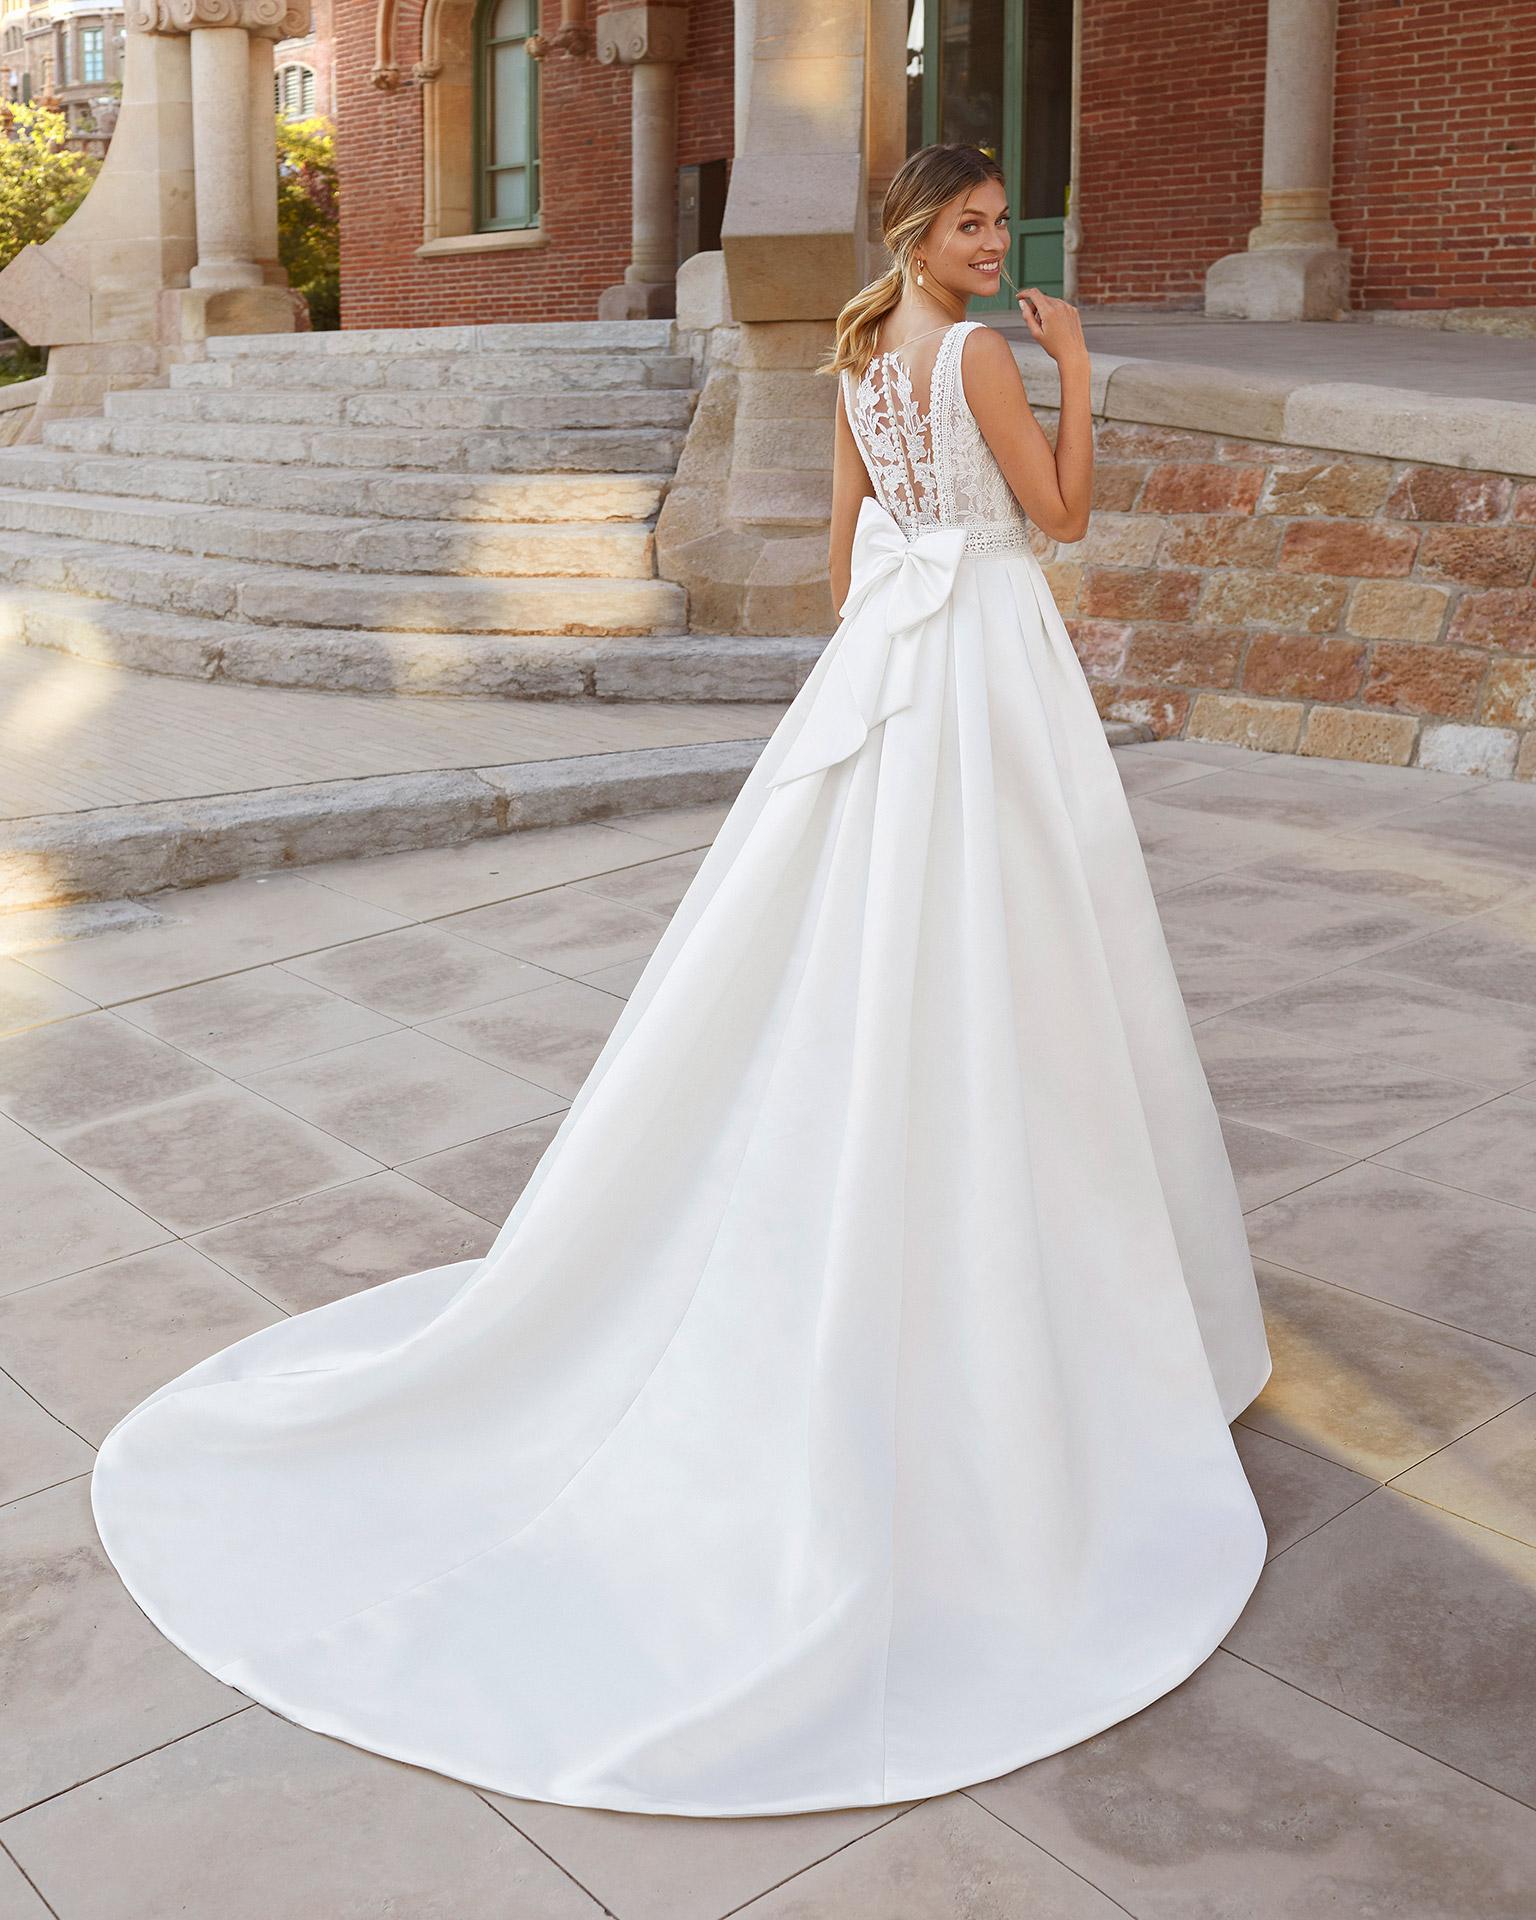 Vestido de novia estilo clásico de raso, encaje y pedrería en escote y cintura. Escote en V y espalda transparente de encaje, lazo y bolsillos. Colección  2021.